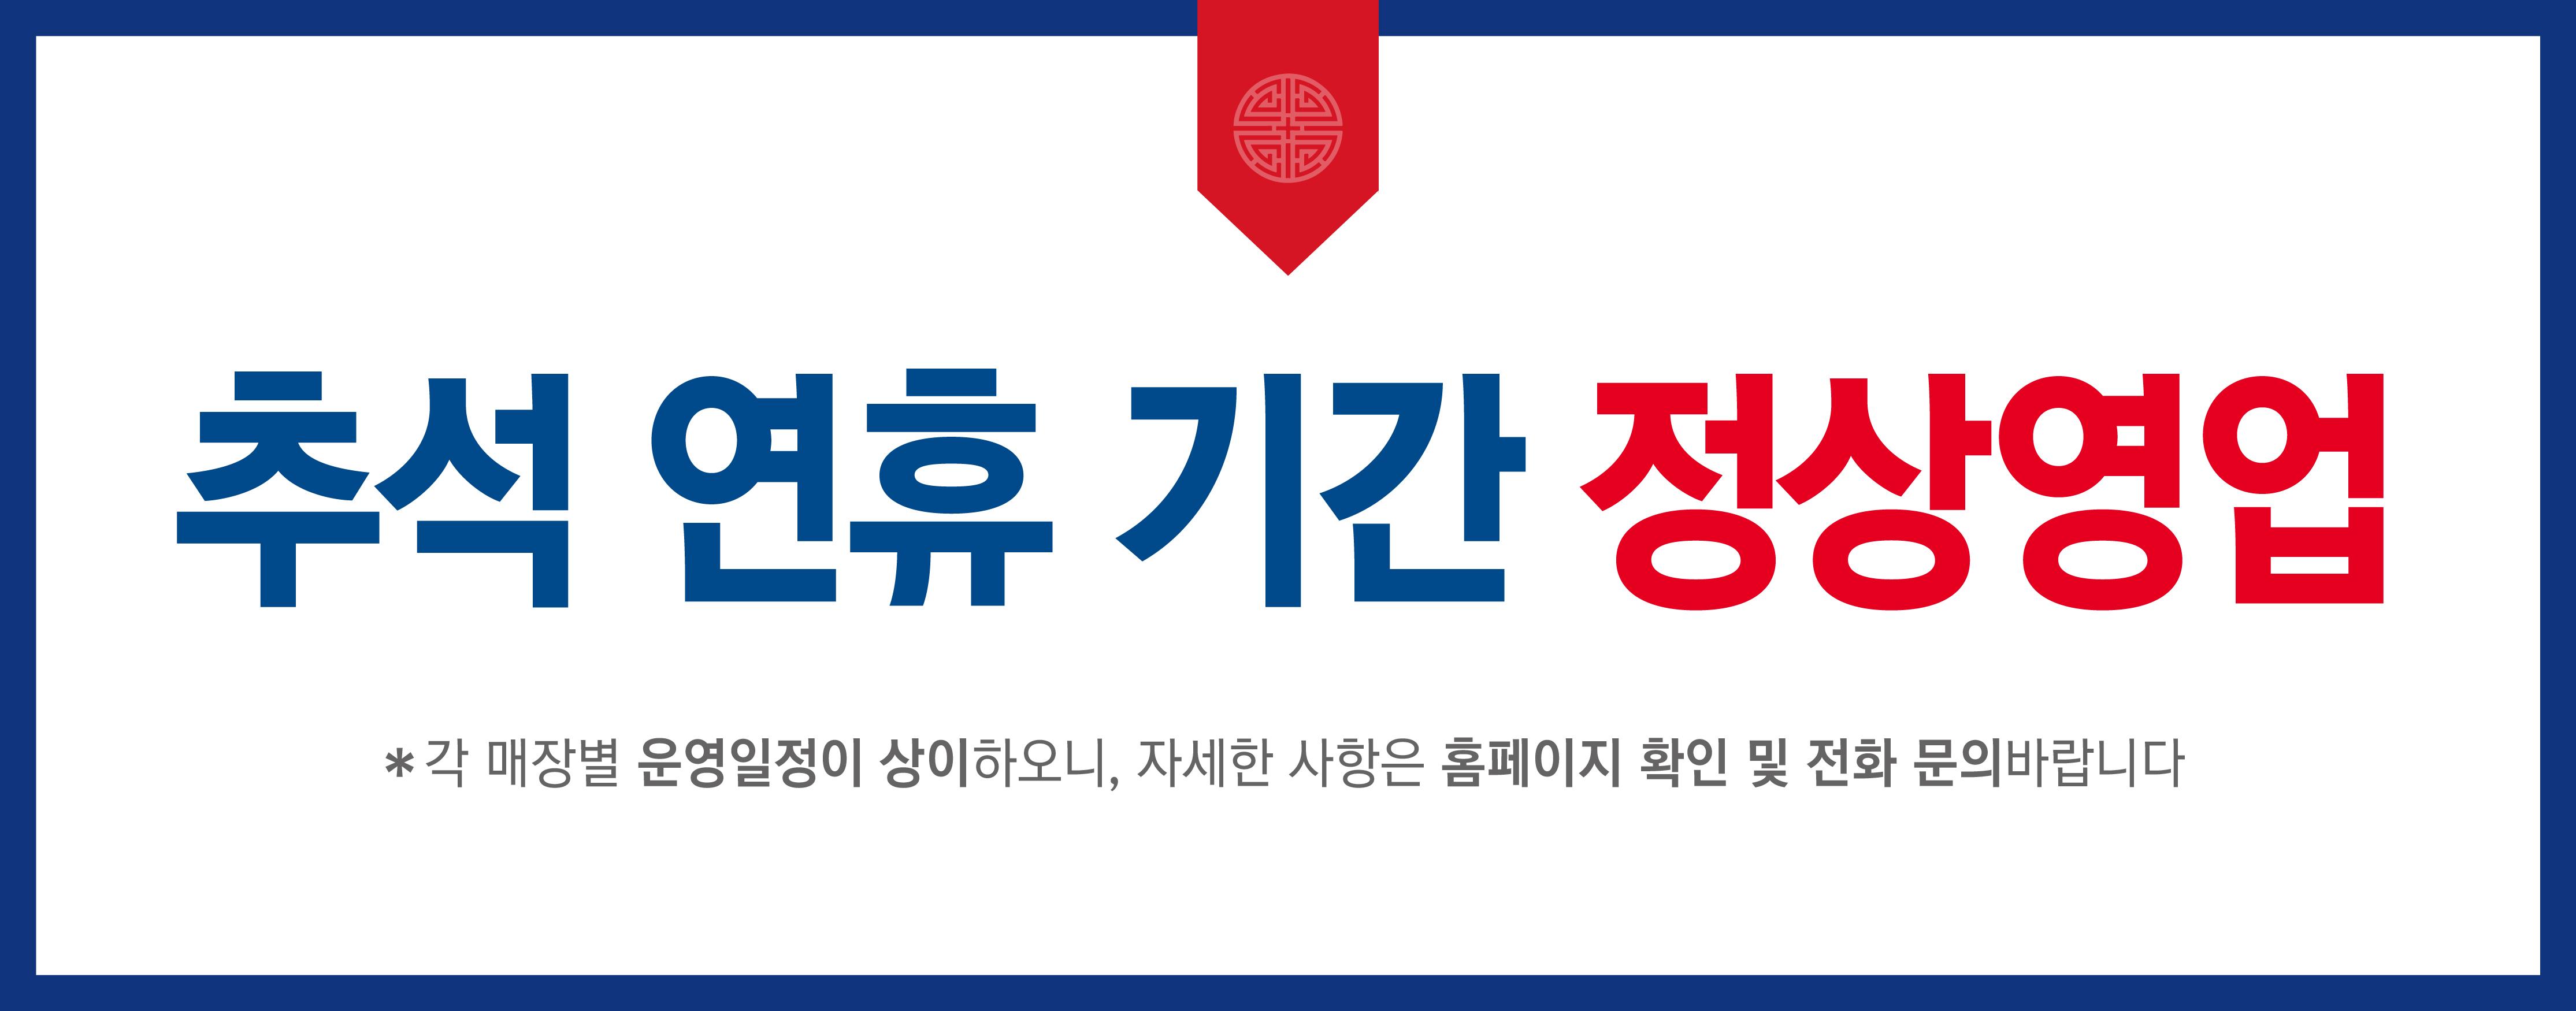 추석 연휴기간 정상영업 브랜드 2019-09-02 ~ 2019-09-16